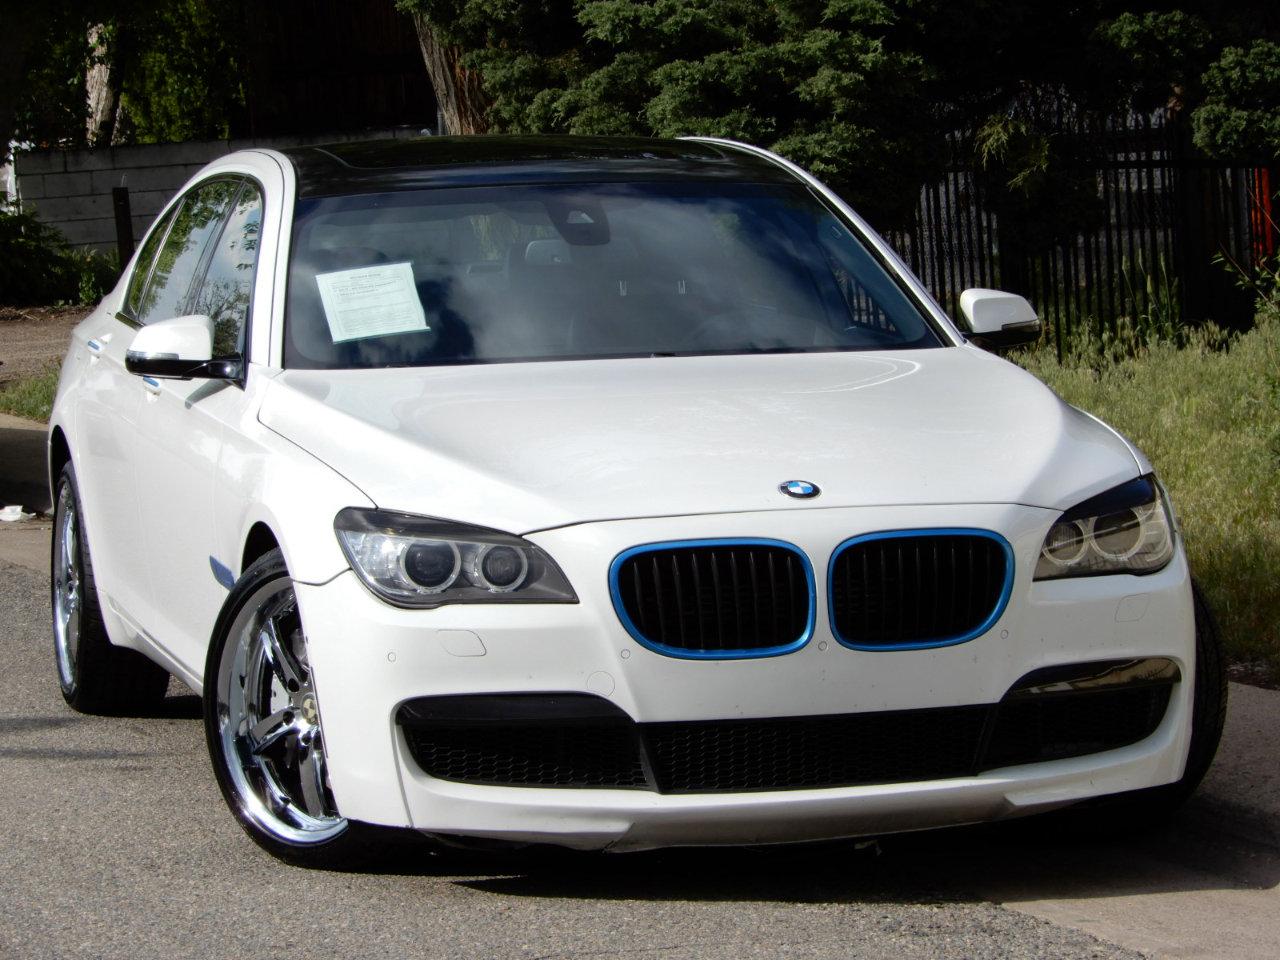 2014 BMW 750Li xDrive  image